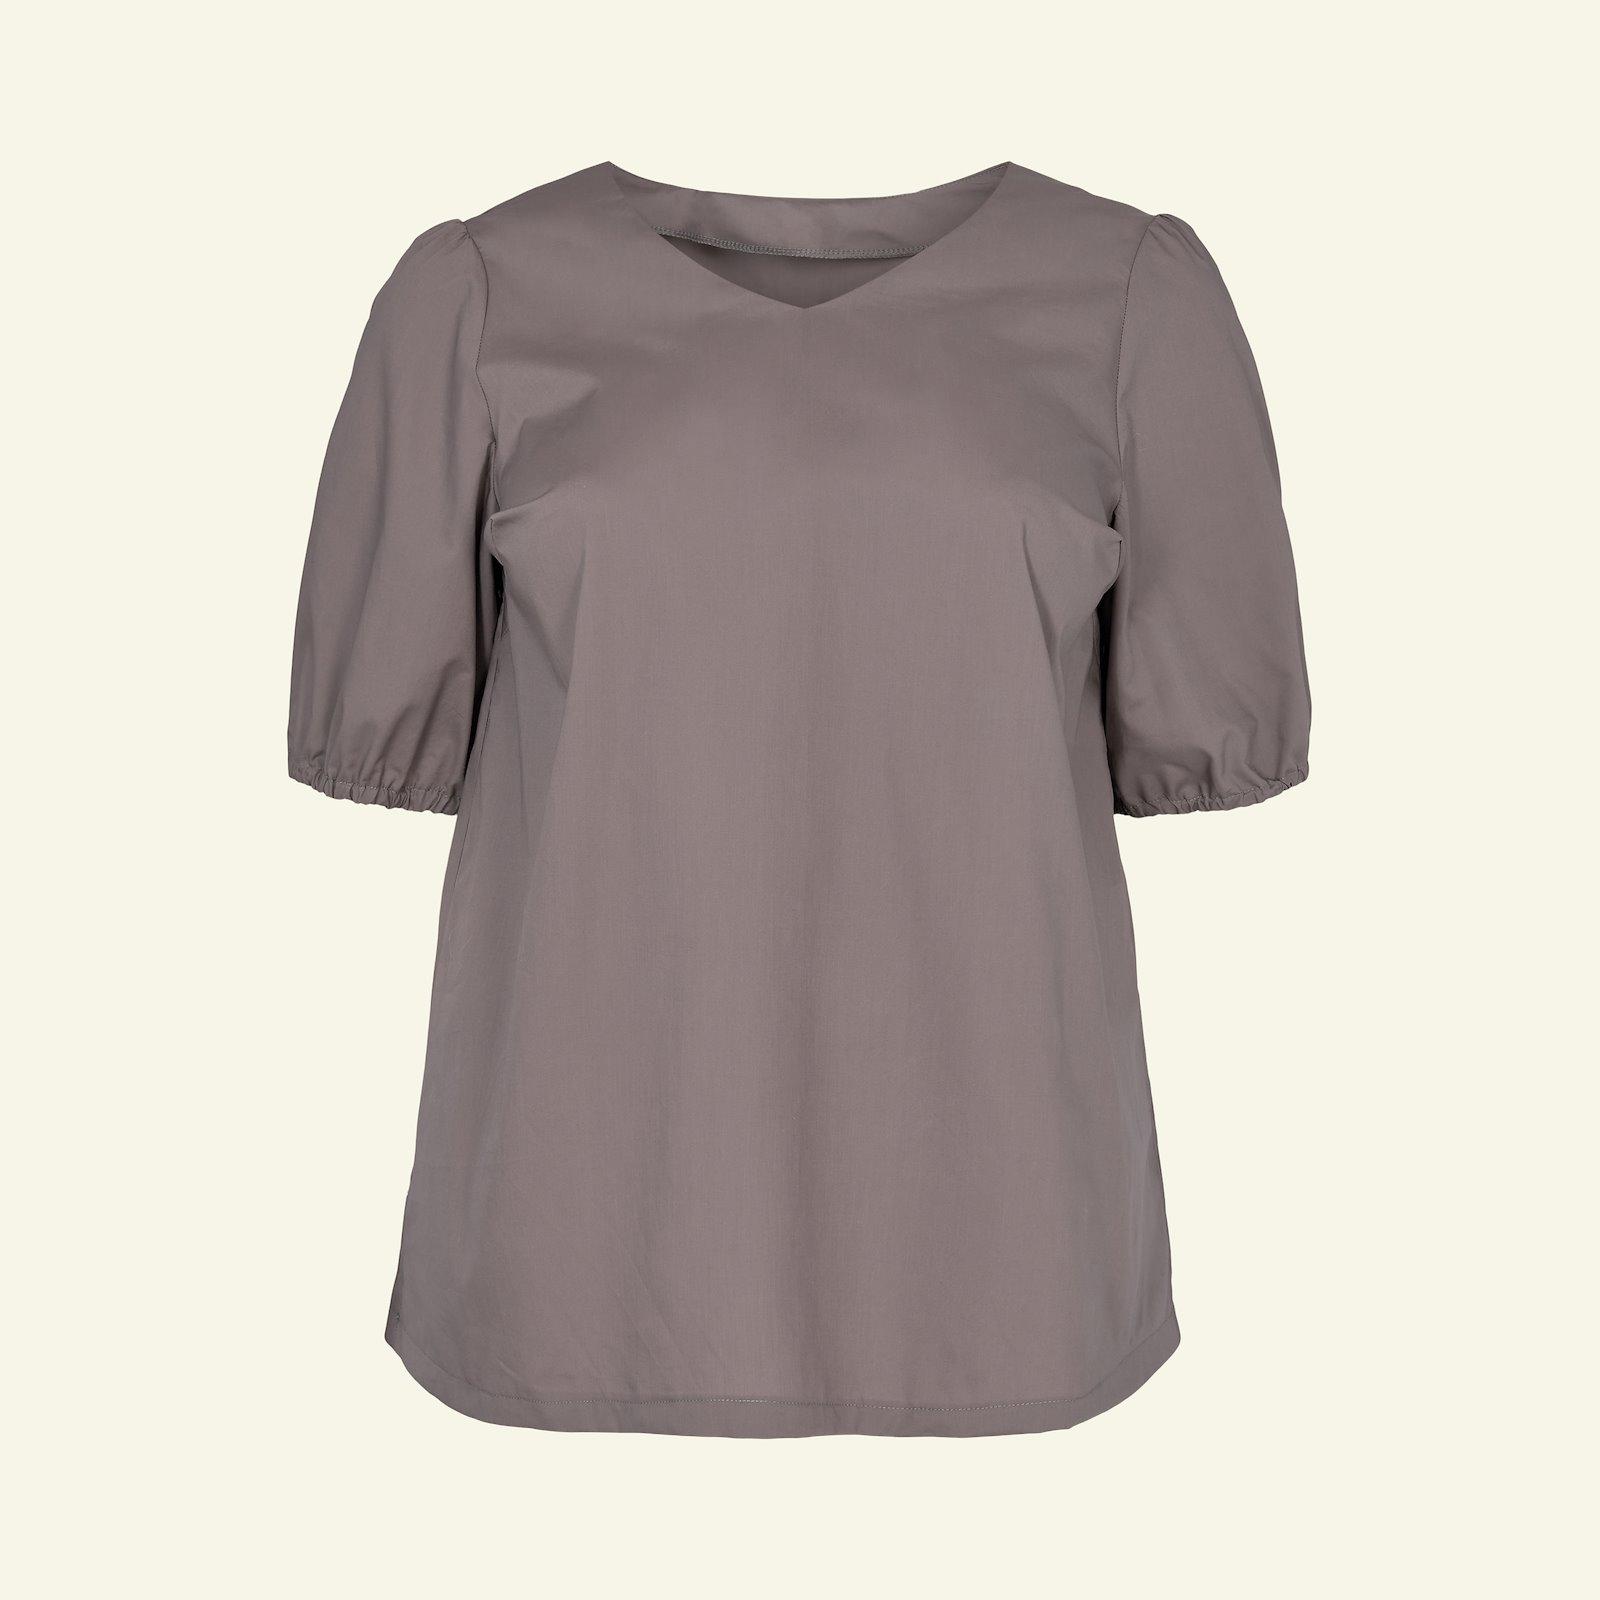 Blusen mit langen und kurzen Ärmel, 46 p72006_540121_sskit